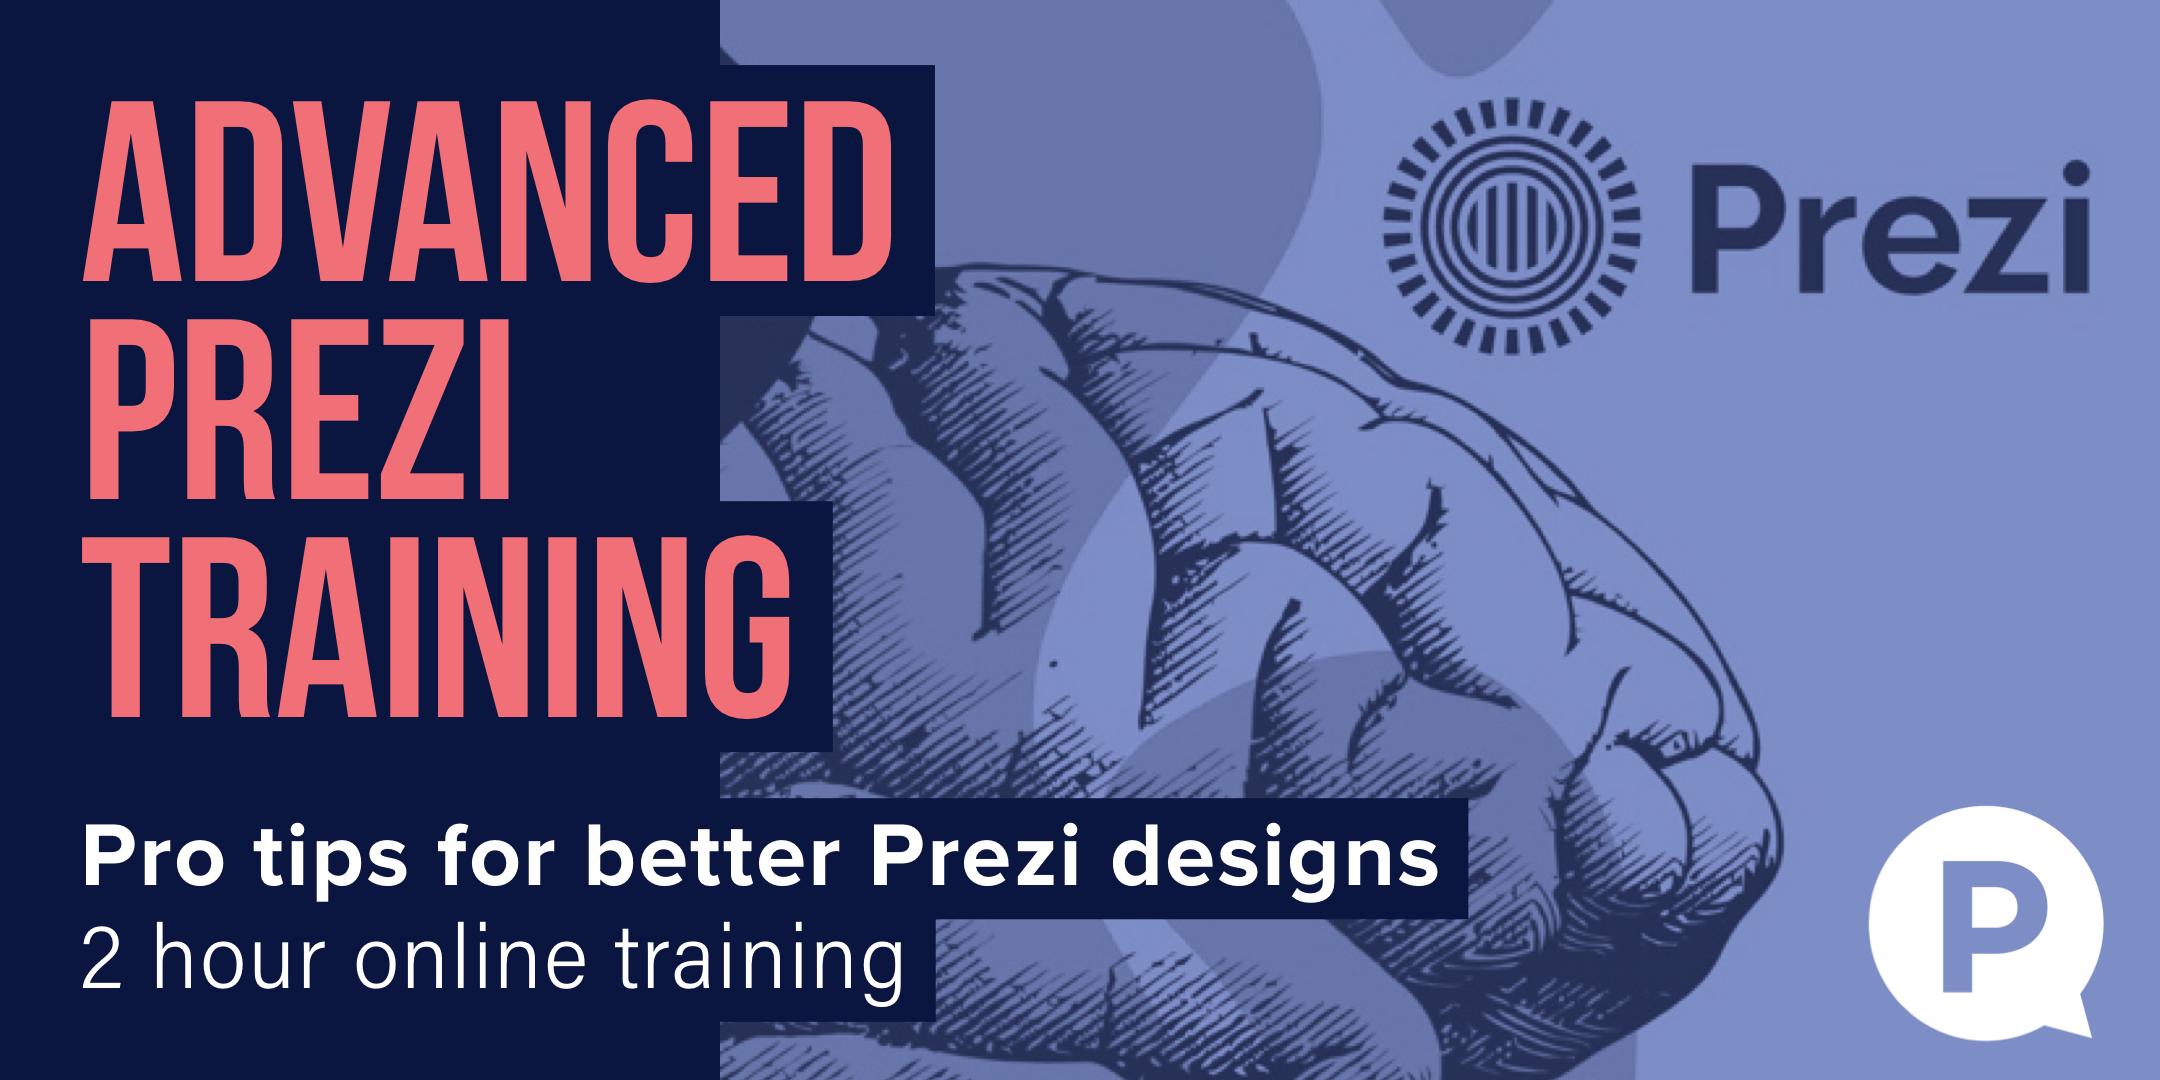 Prezi training